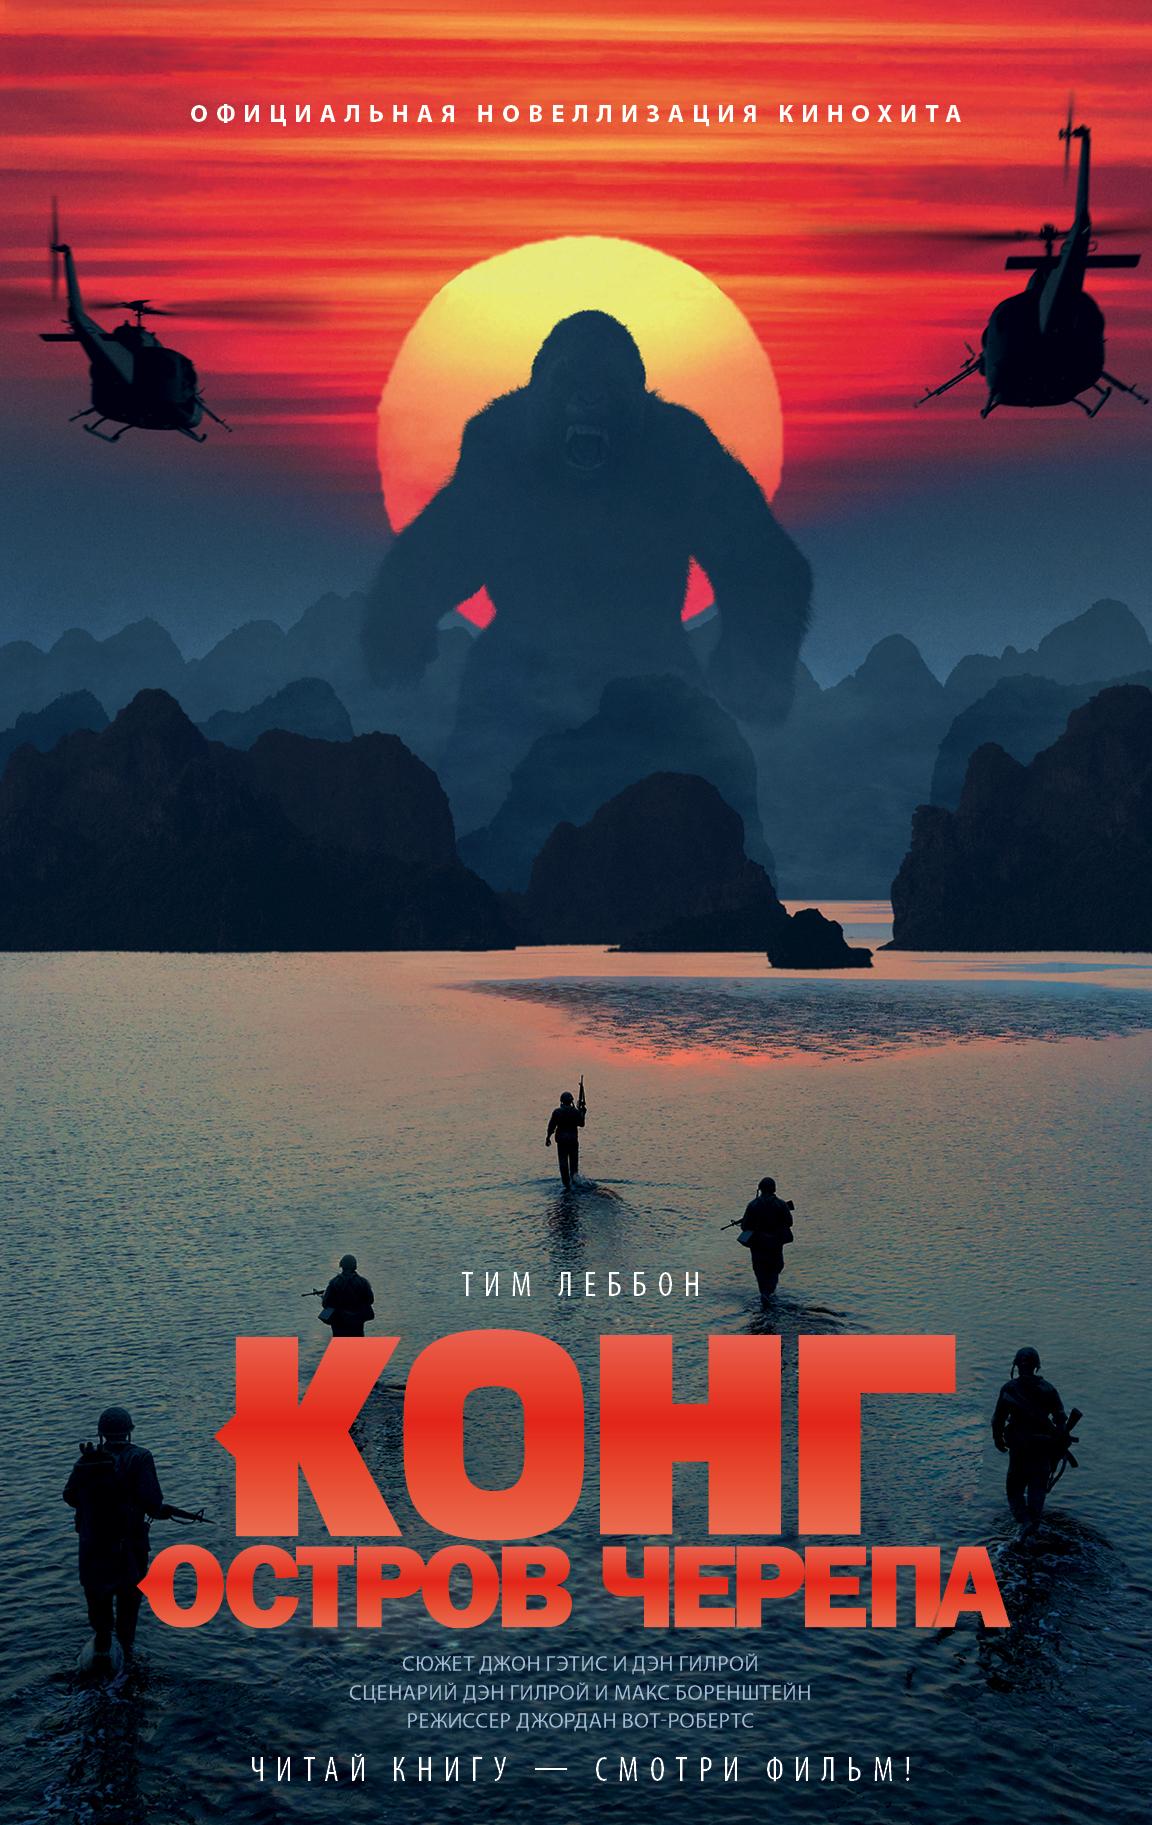 Конг: Остров Черепа. Официальная новеллизация